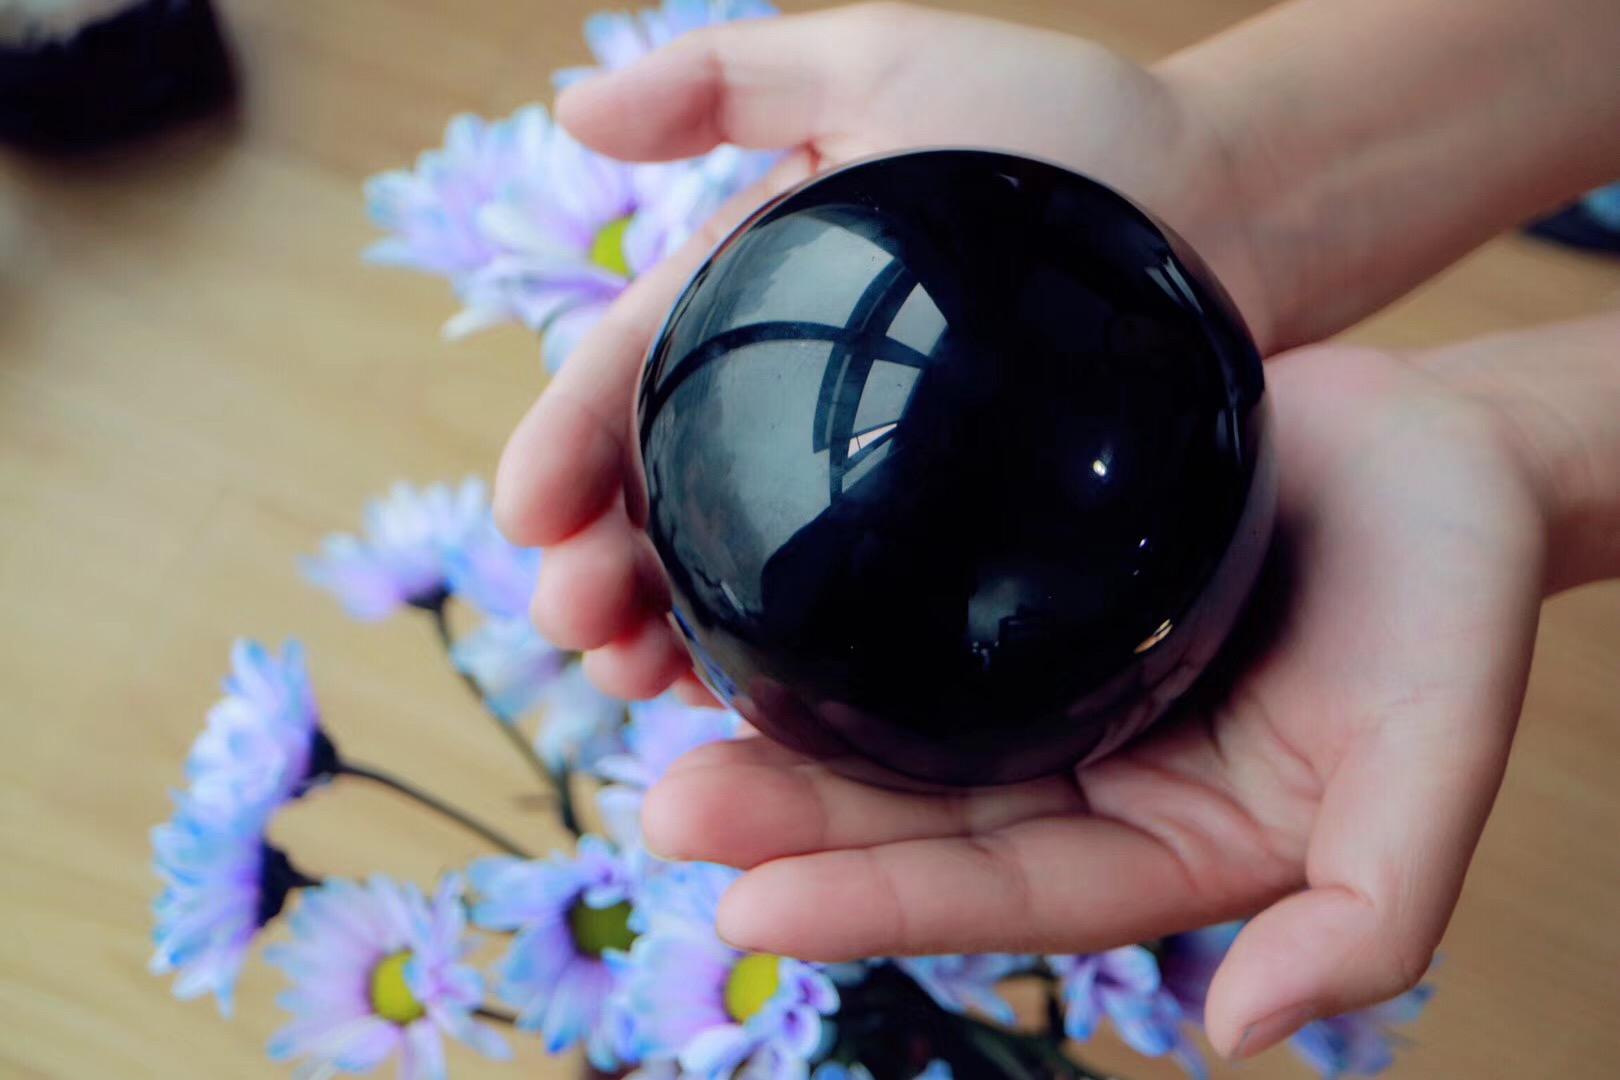 【菩心   黑曜石球】被如此有魅力的双眼紫眼迷住了-菩心晶舍